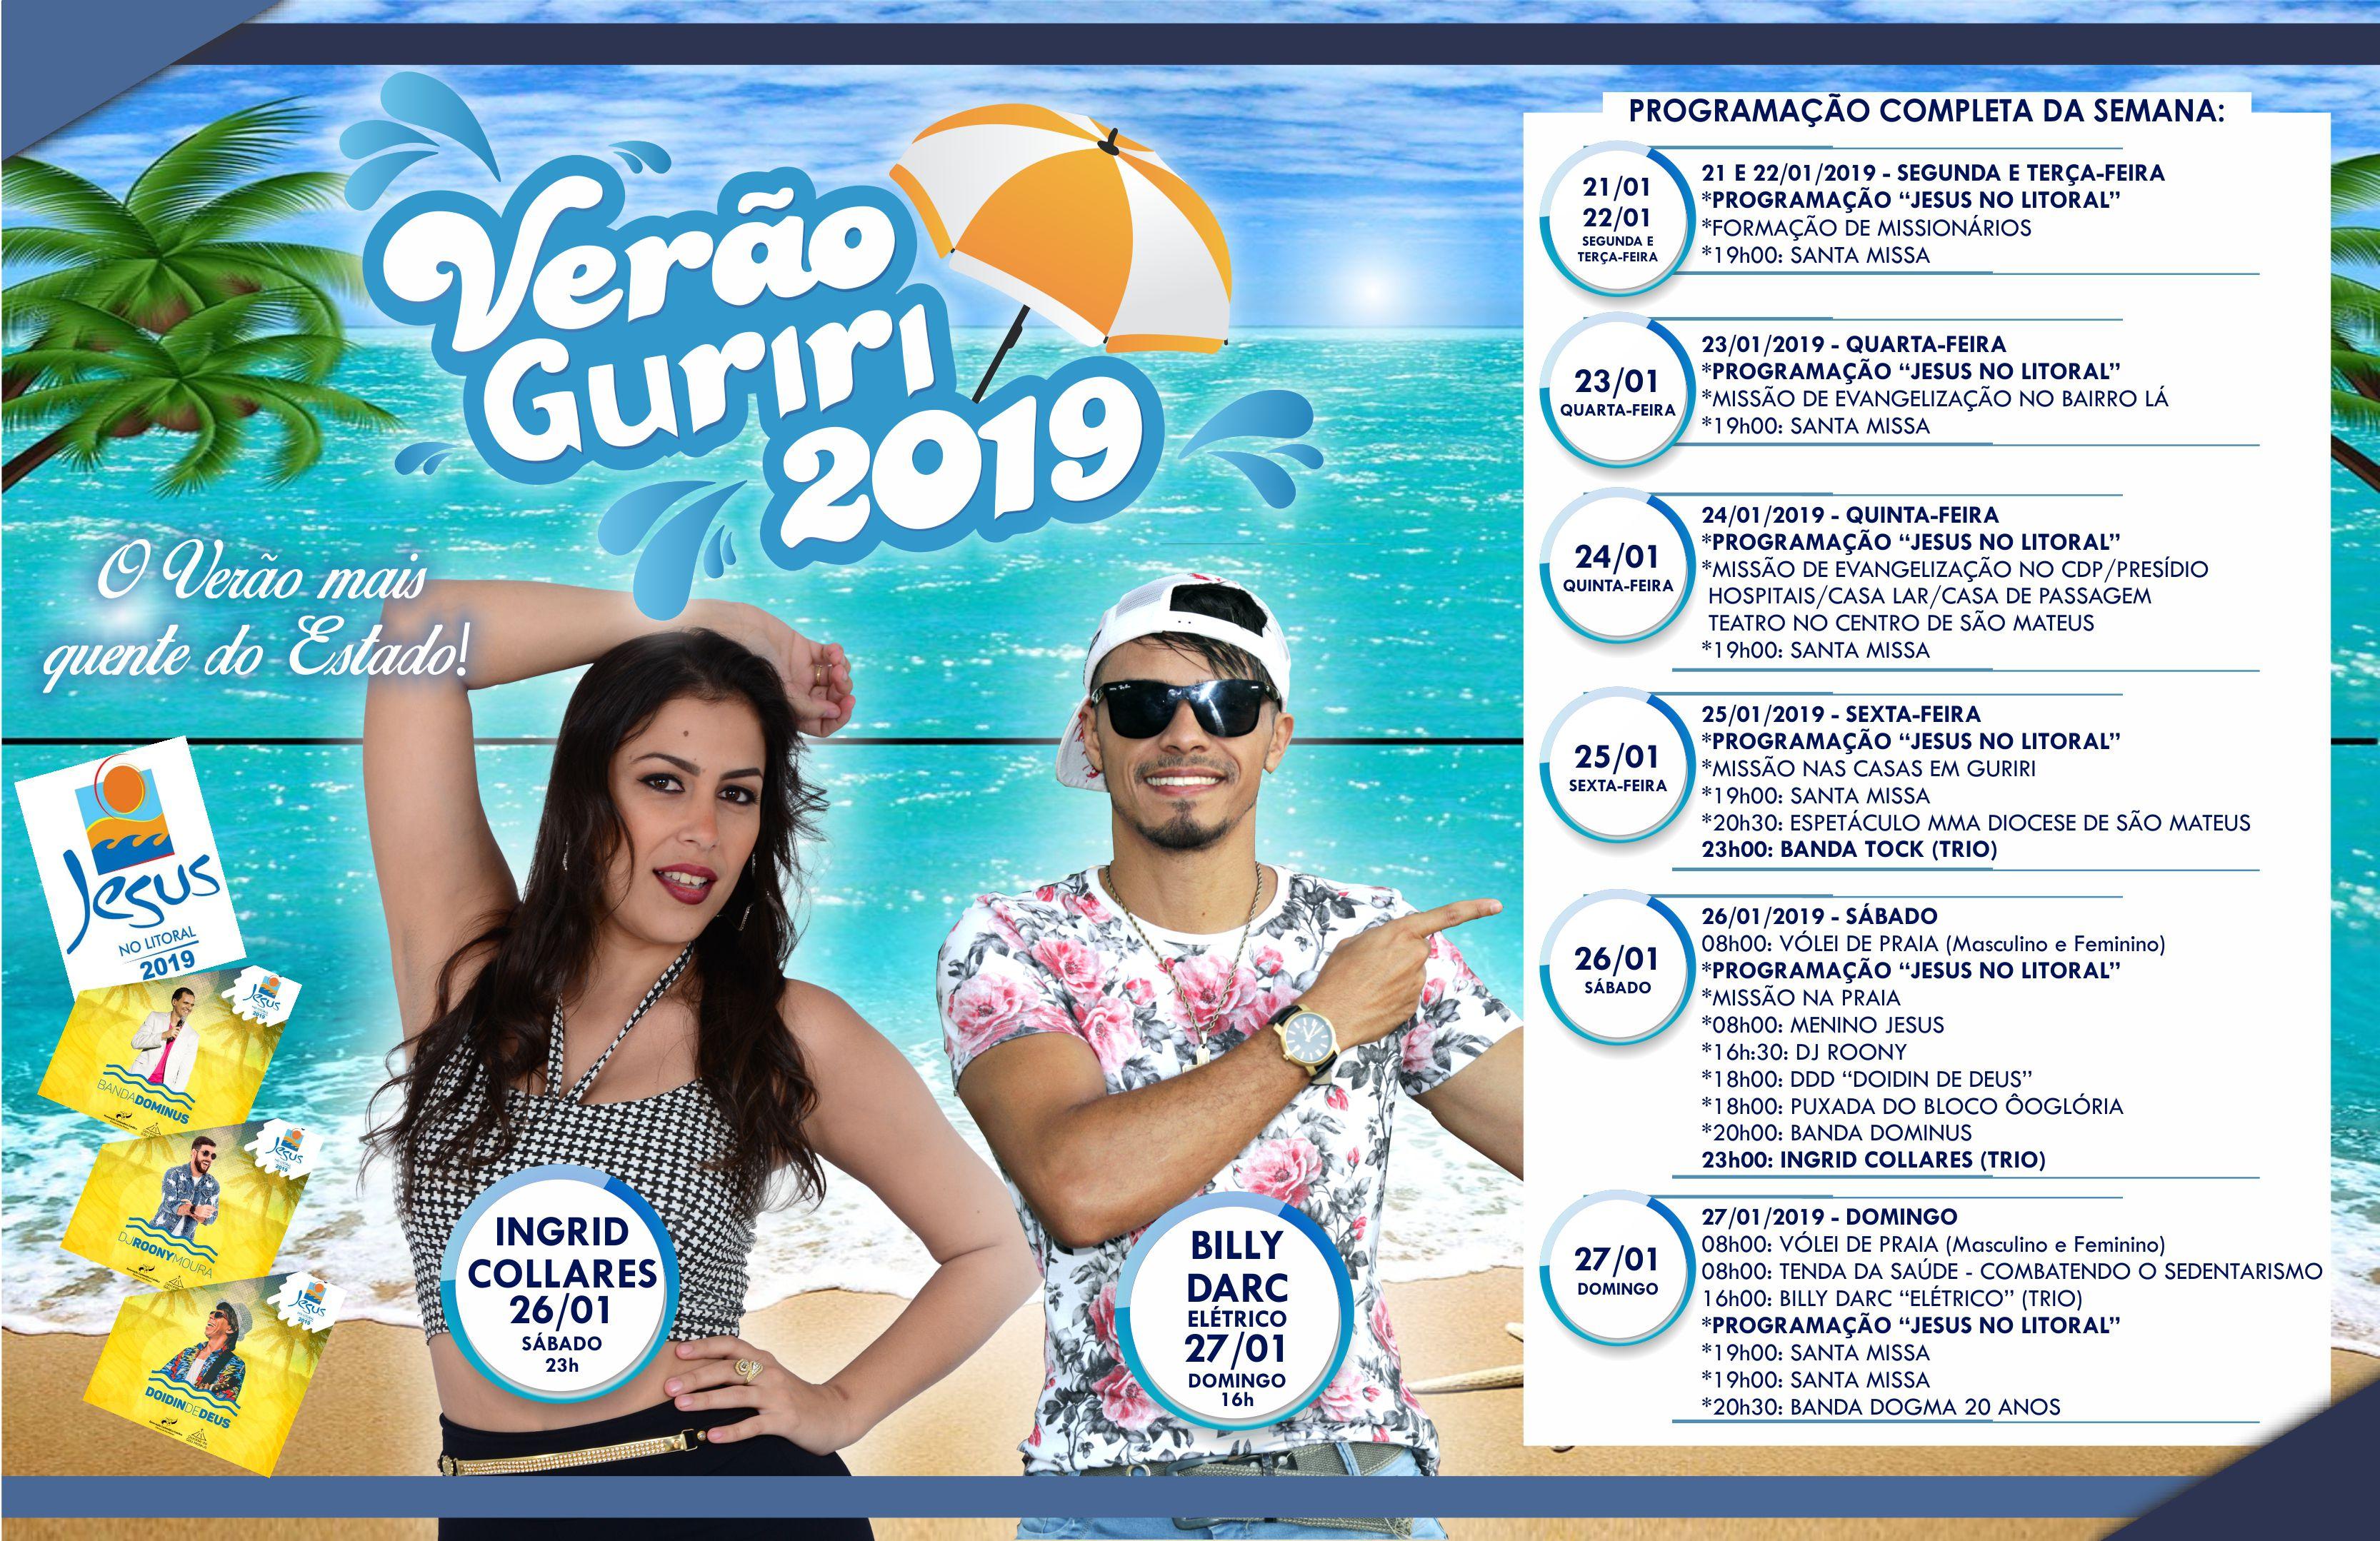 Verão Guriri 2019 - Confira a Programação Completa da Semana